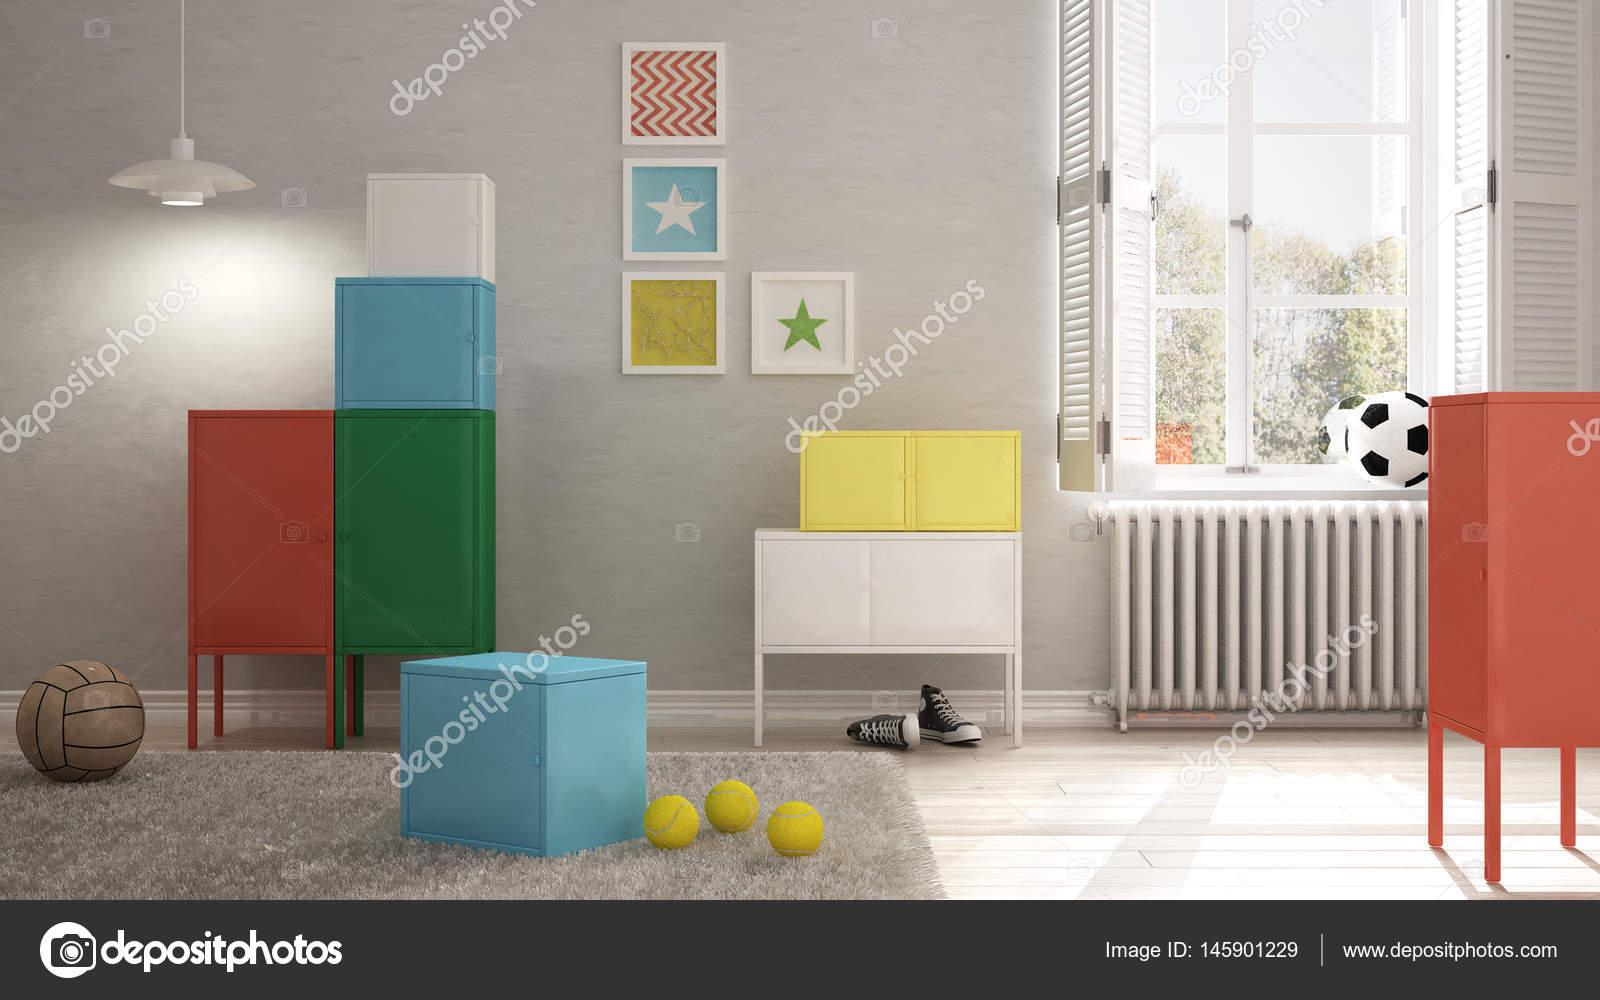 Camere Da Letto Design Minimalista : Camera da letto bambini colorati design minimalista degli interni